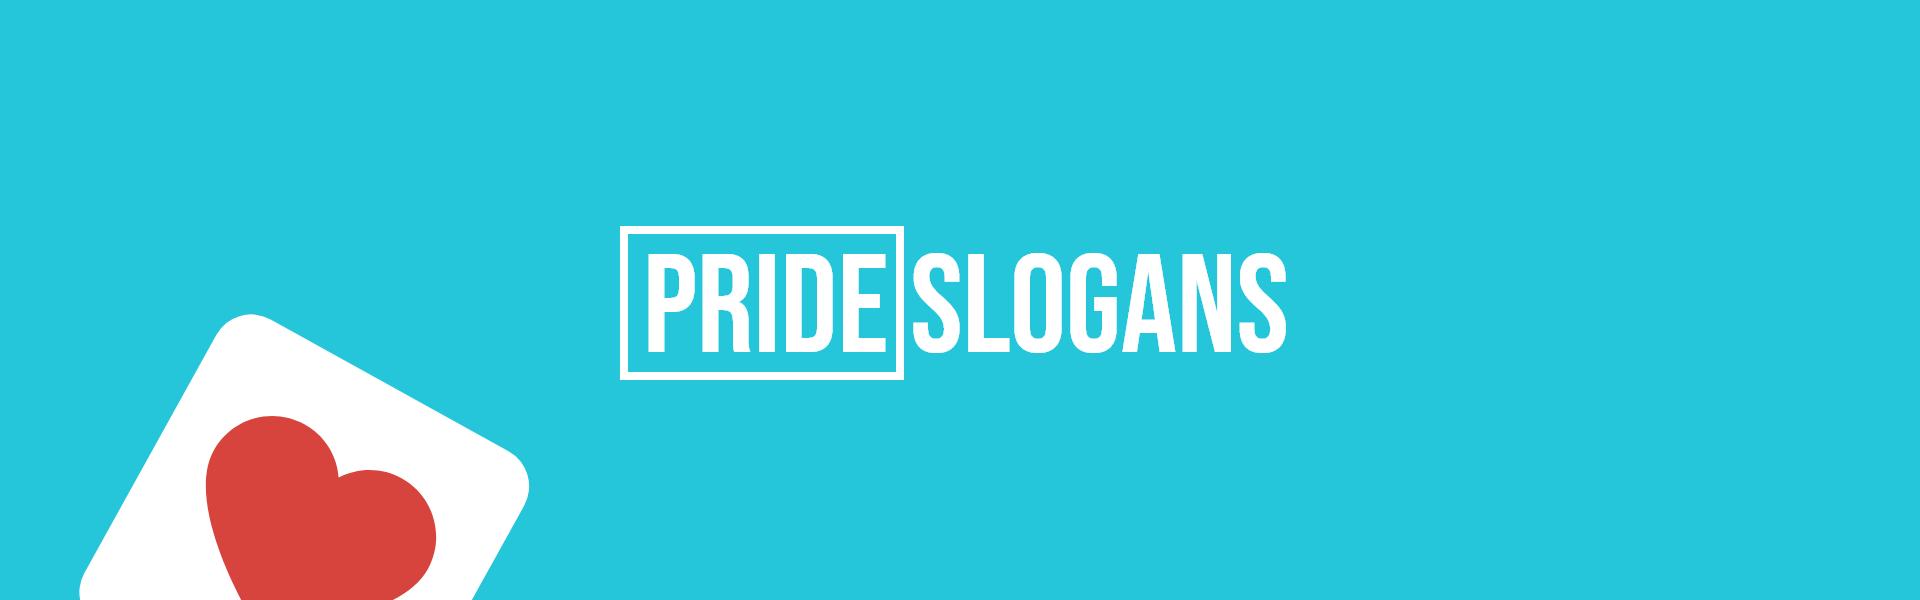 pride slogans taglines